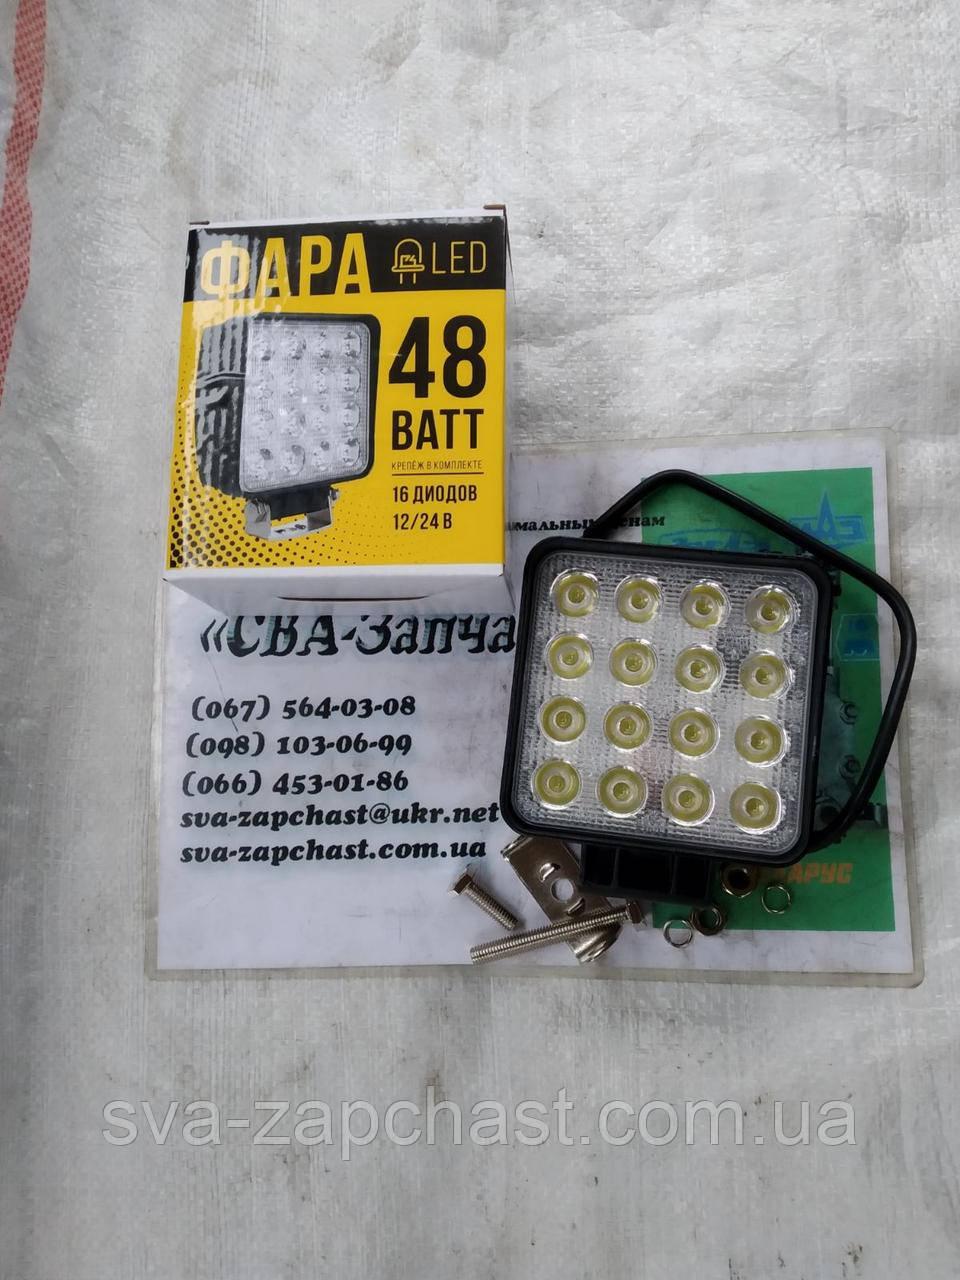 Фара рабочая МТЗ Т-150 ЮМЗ LED 48W